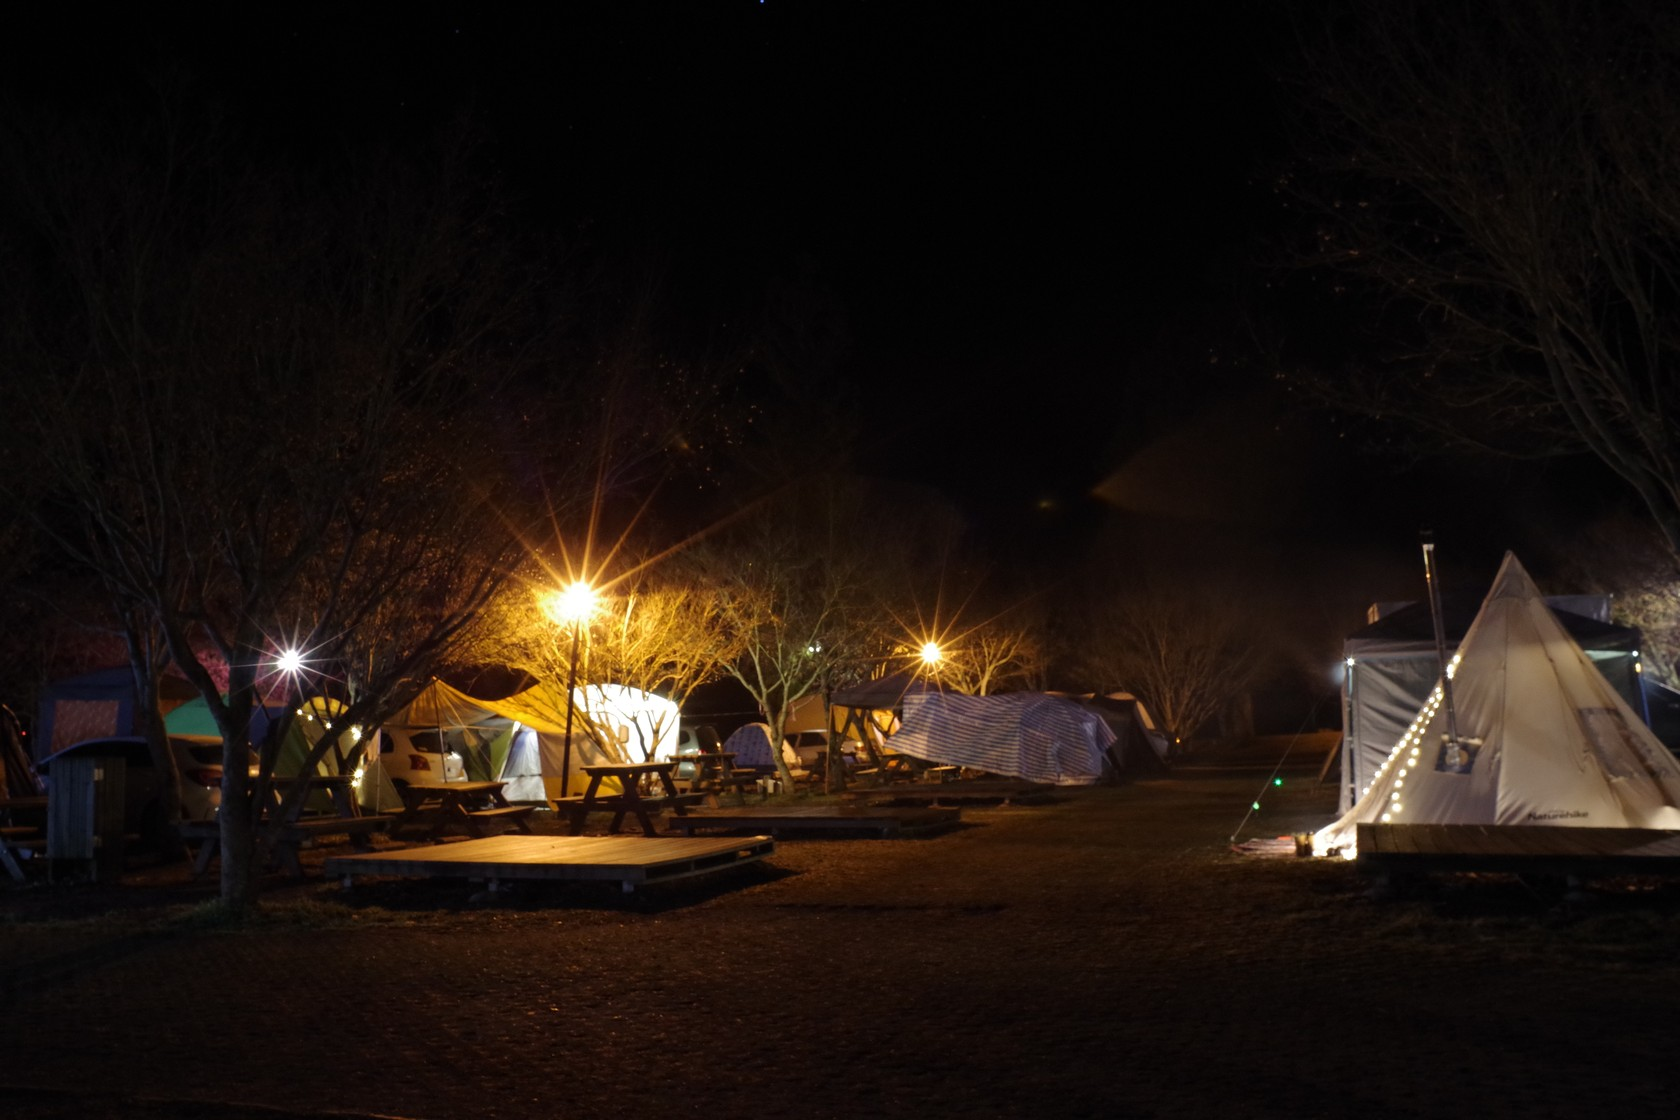 晚上的露營區